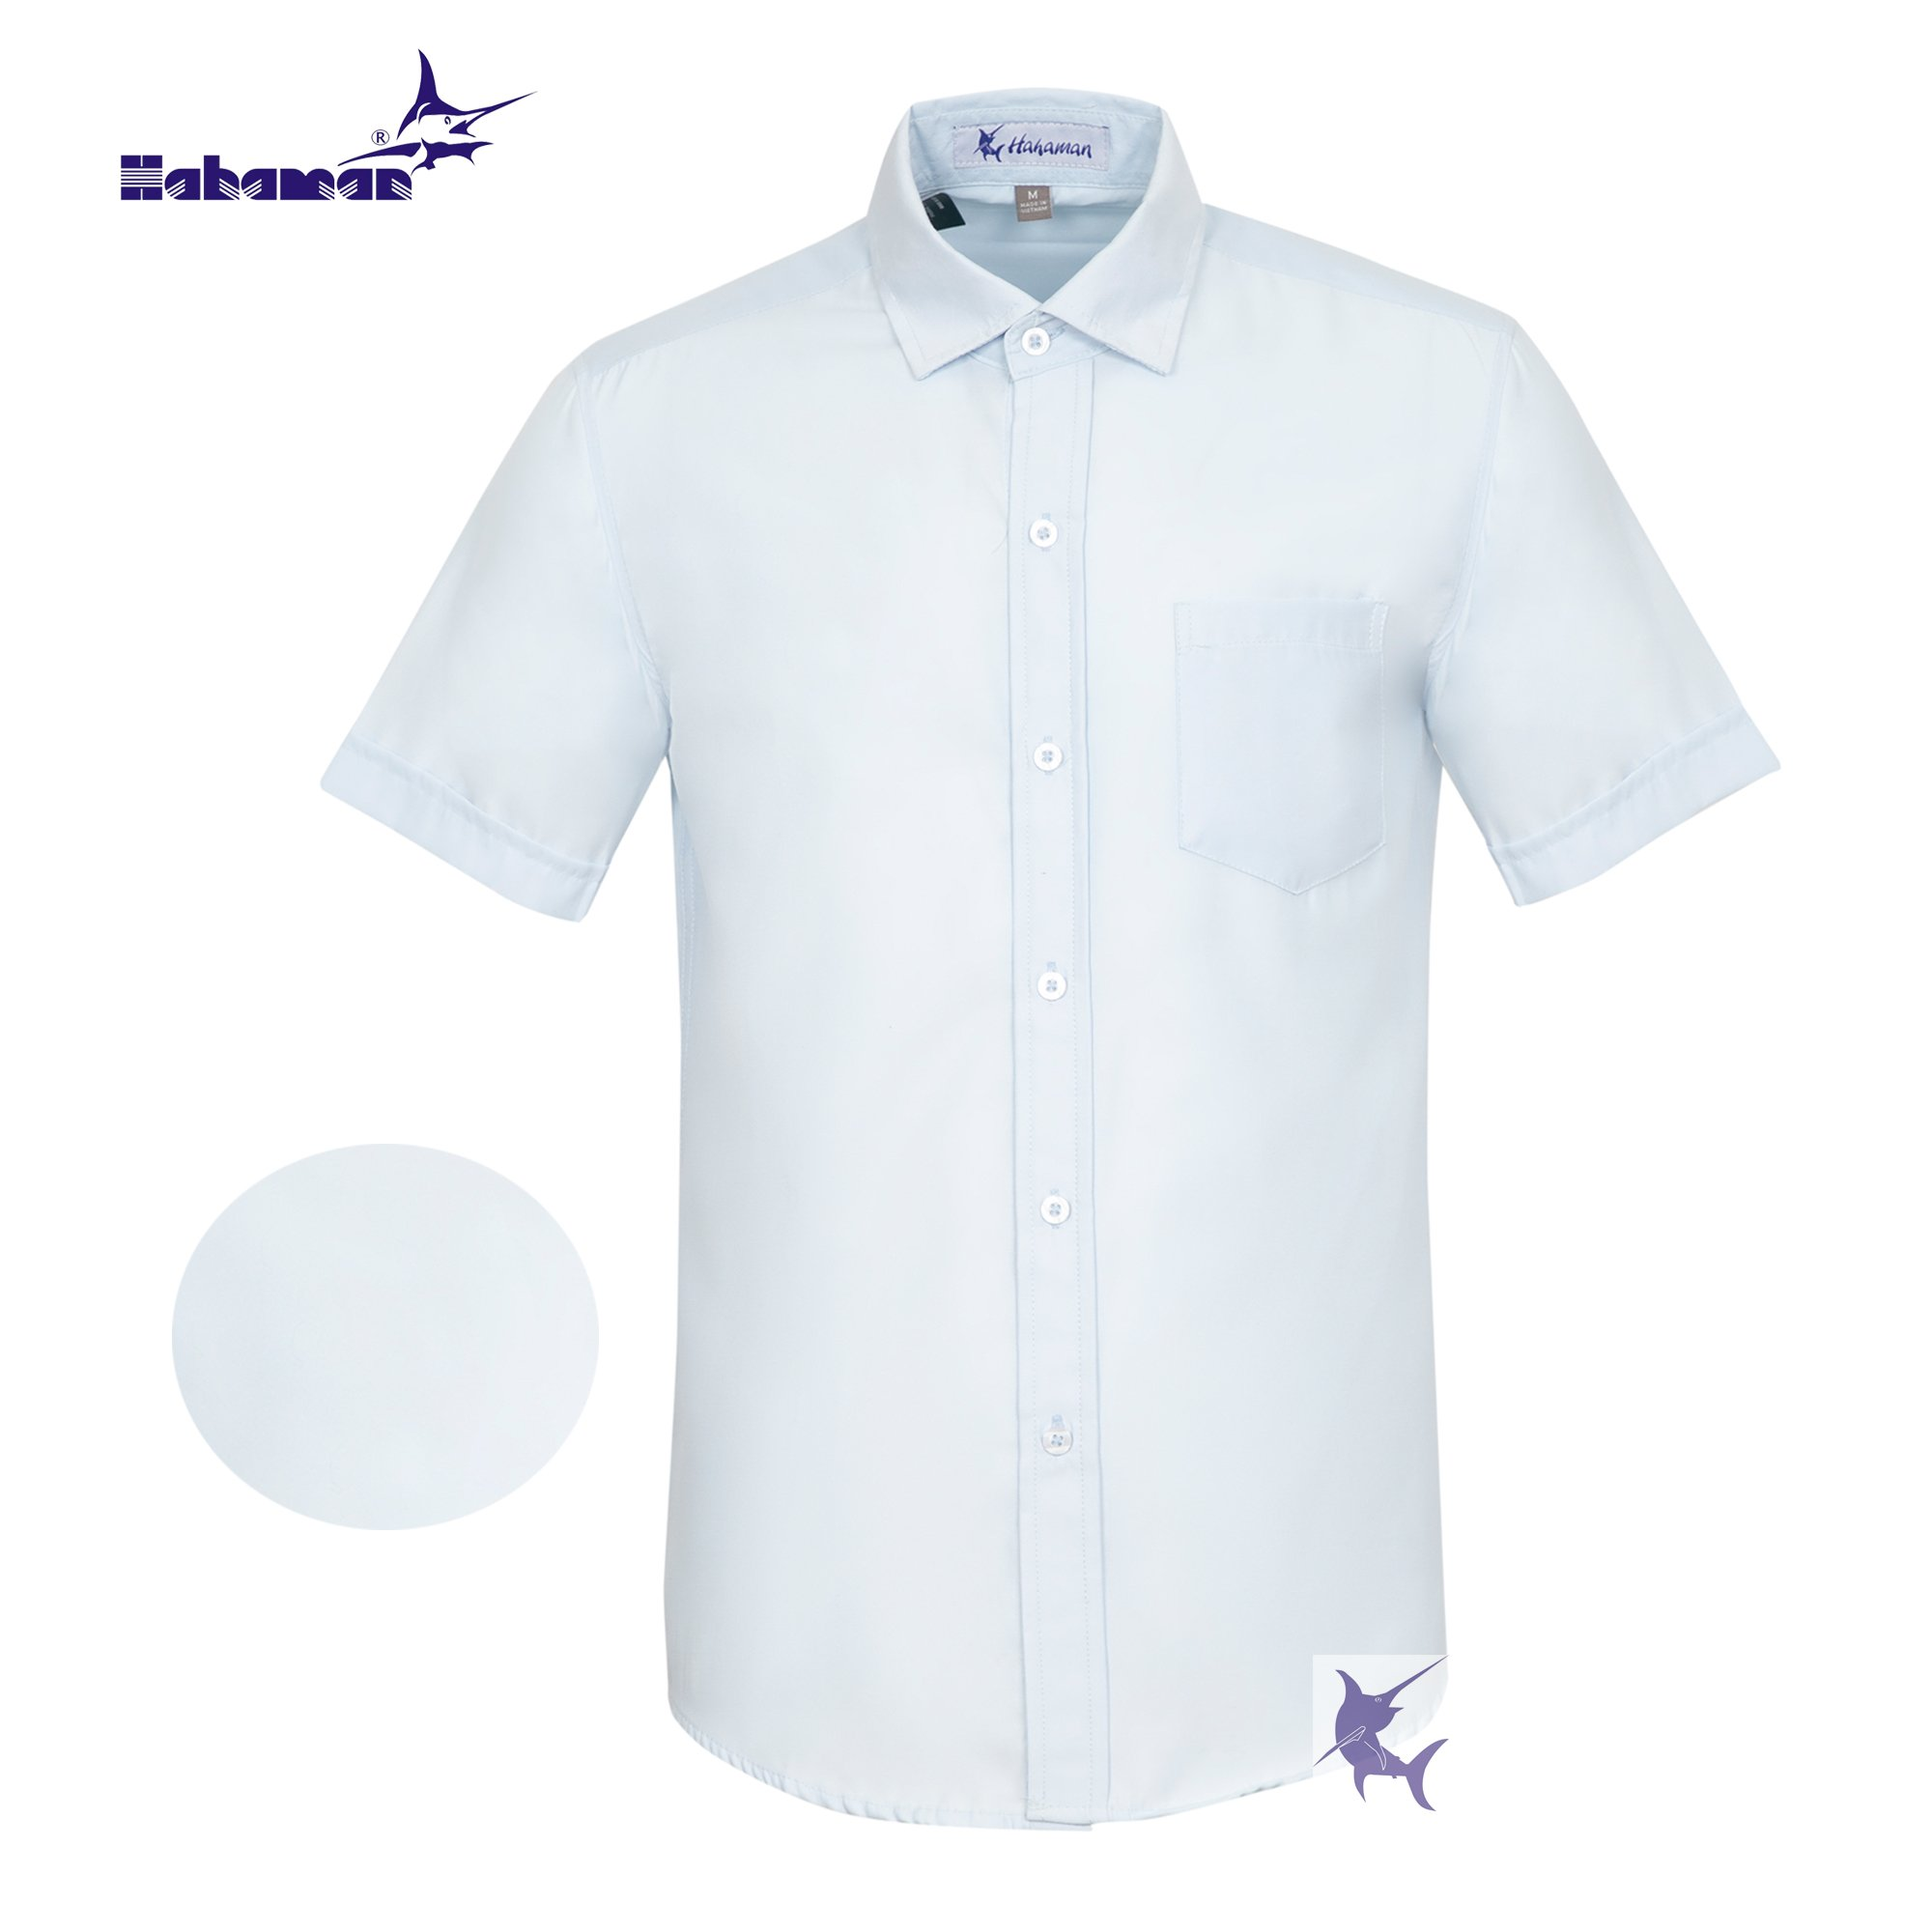 Áo sơ mi nam vải kate công sở HAHAMAN cao cấp SMCS1001